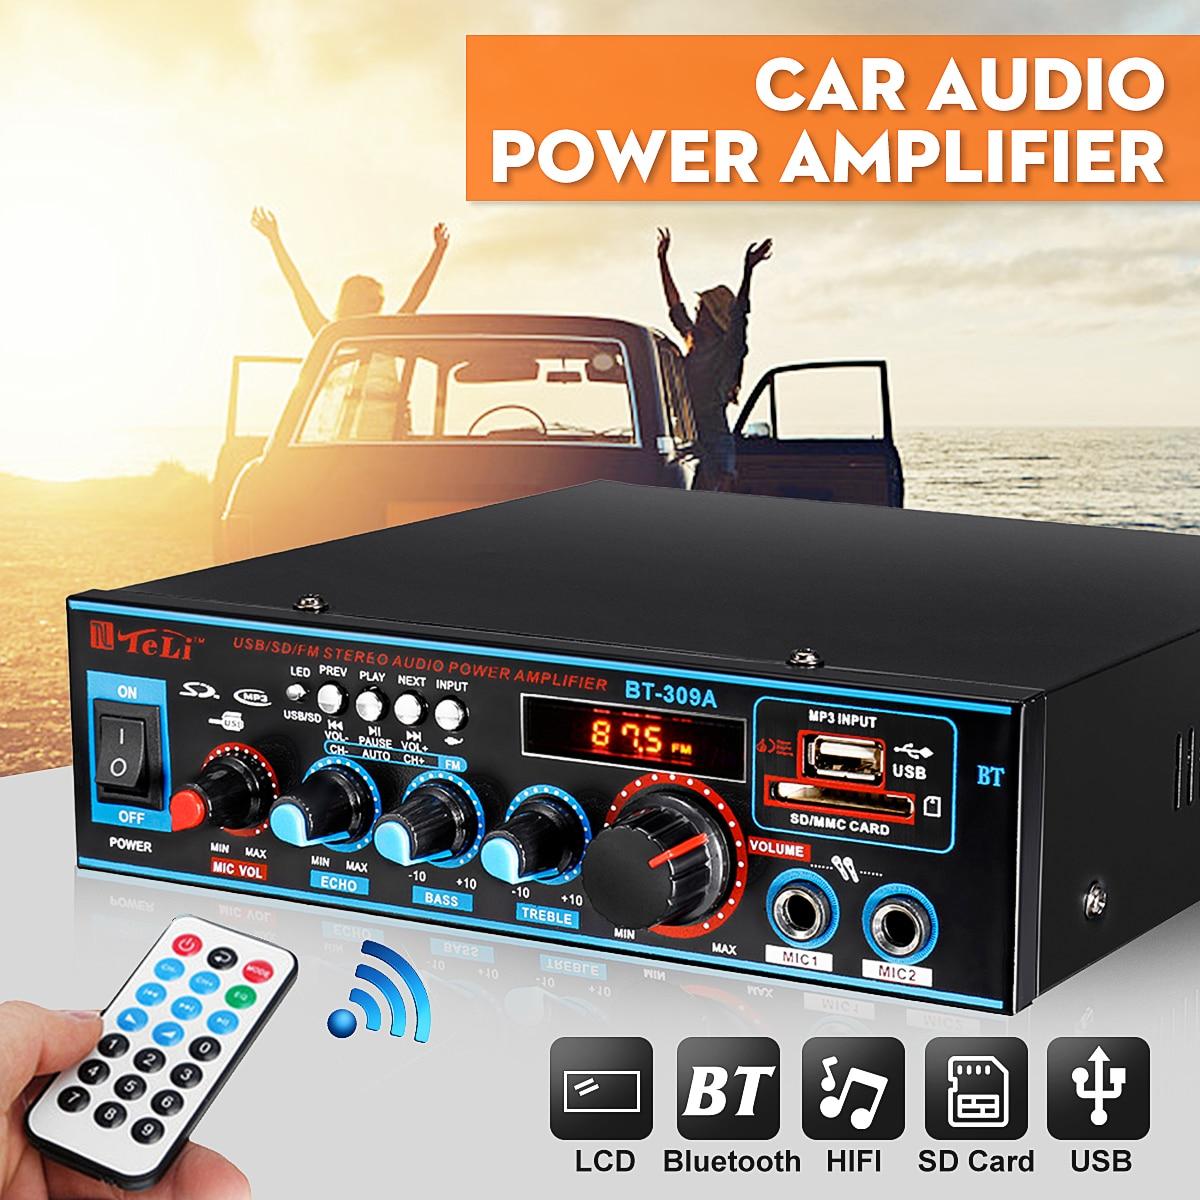 Car Home Audio Power Amplifier Bluetooth HiFi Stereo Amplifier FM Radio Car Home Karaoke Amplifier 12V / 220V 100W + 100W